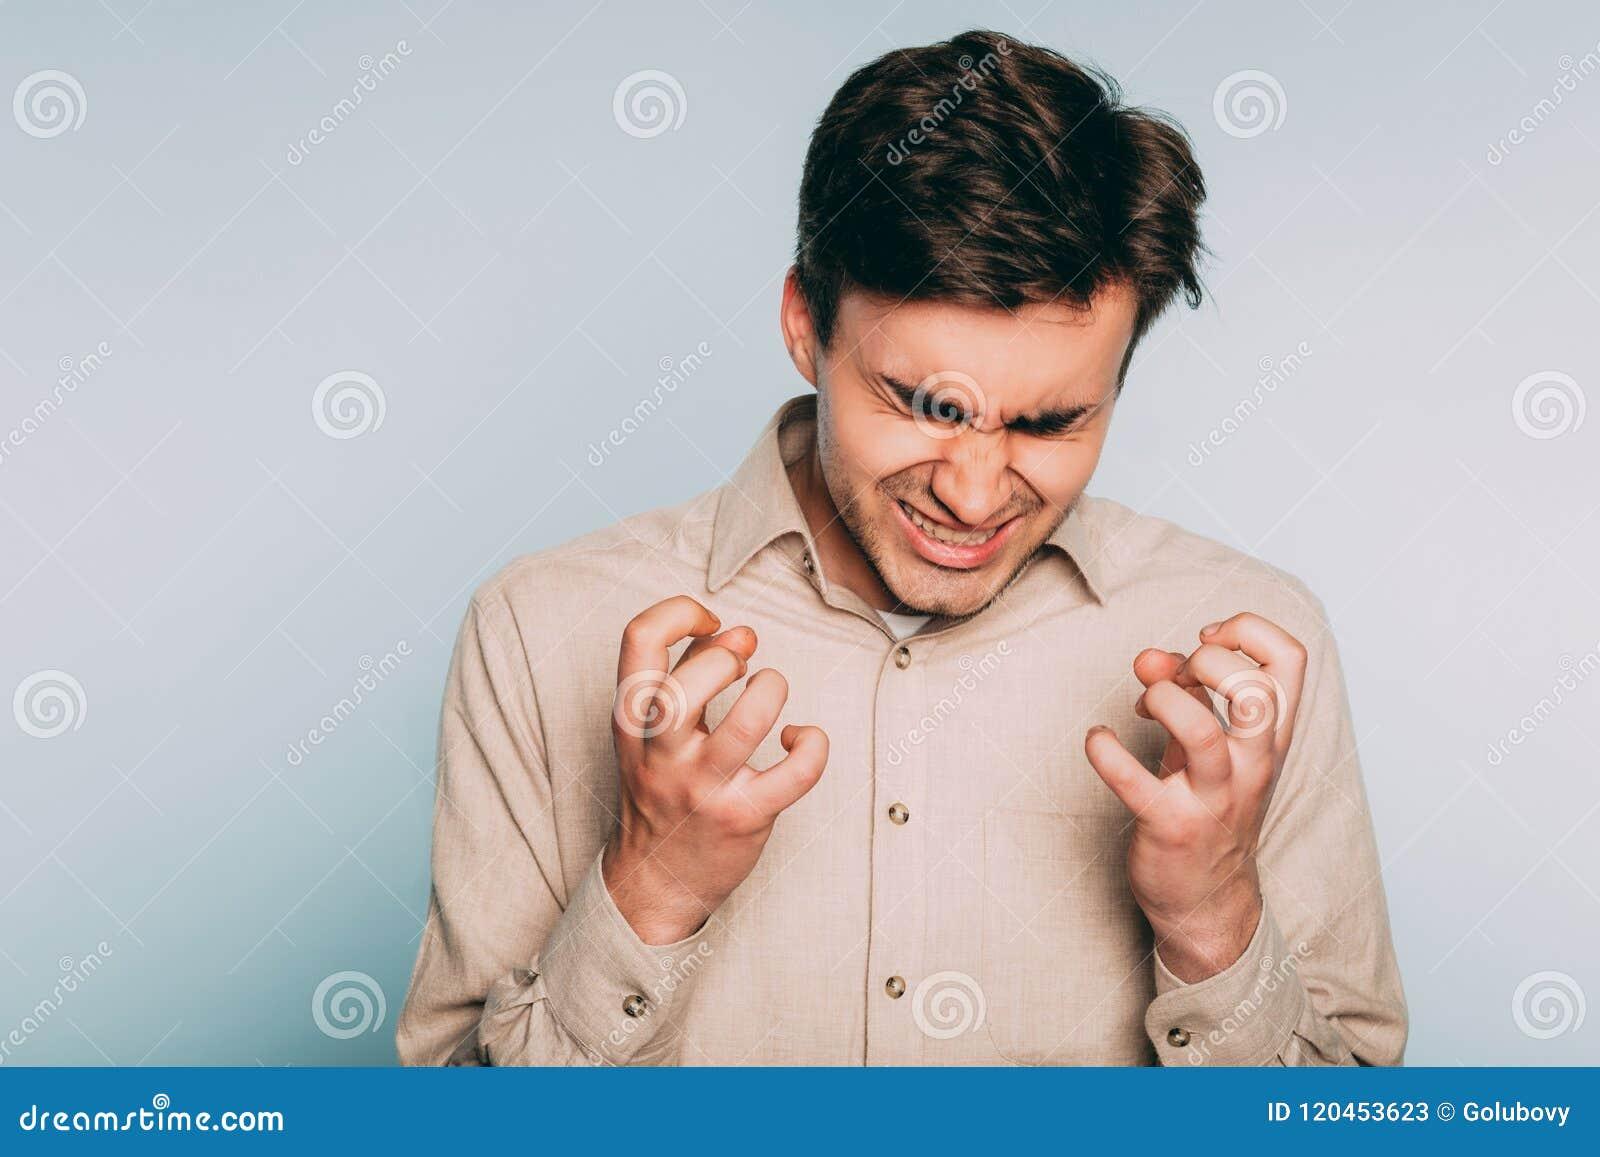 Infuriated rage anger man berserk fury emotion